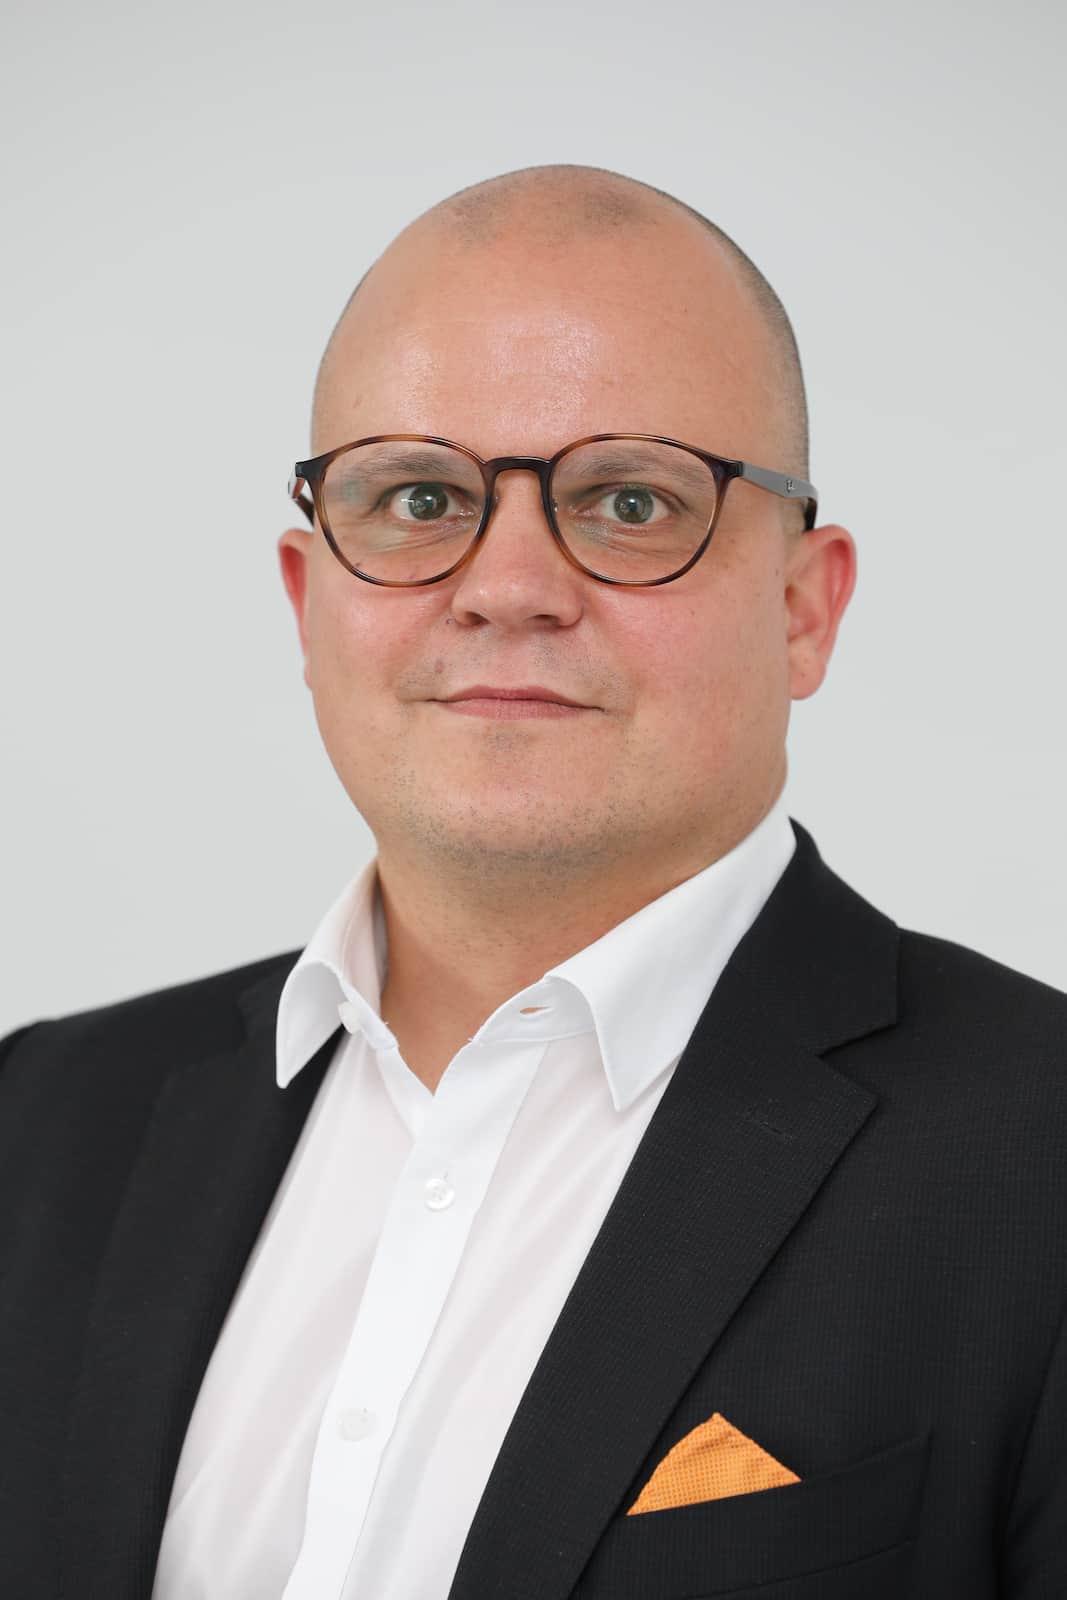 Rückt zum 1. Oktober in den Vorstand auf: Jochen Pohle